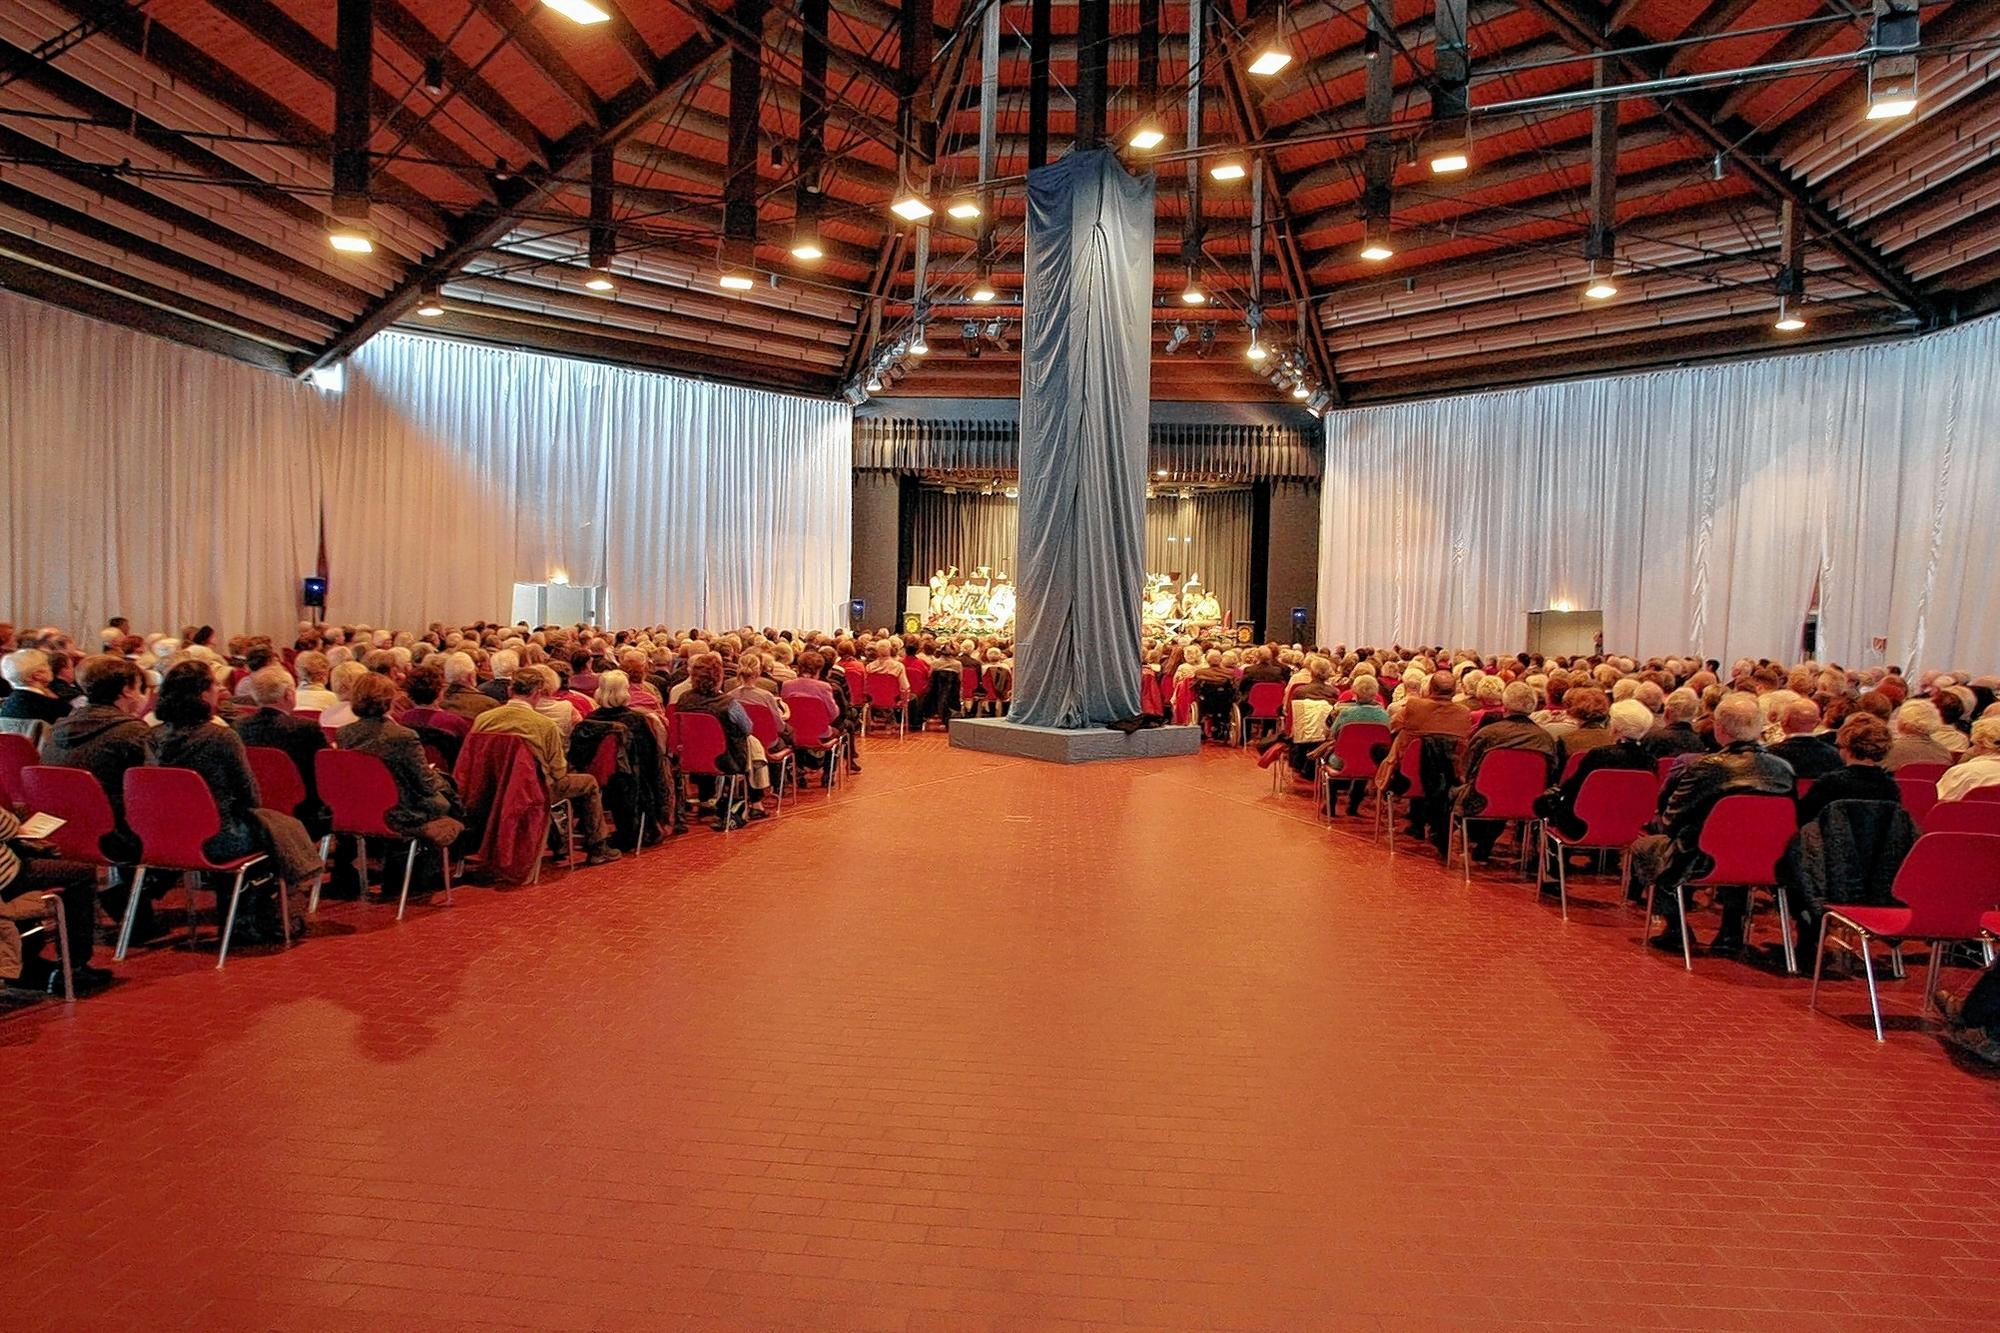 Festhalle Baumhain Mannheim